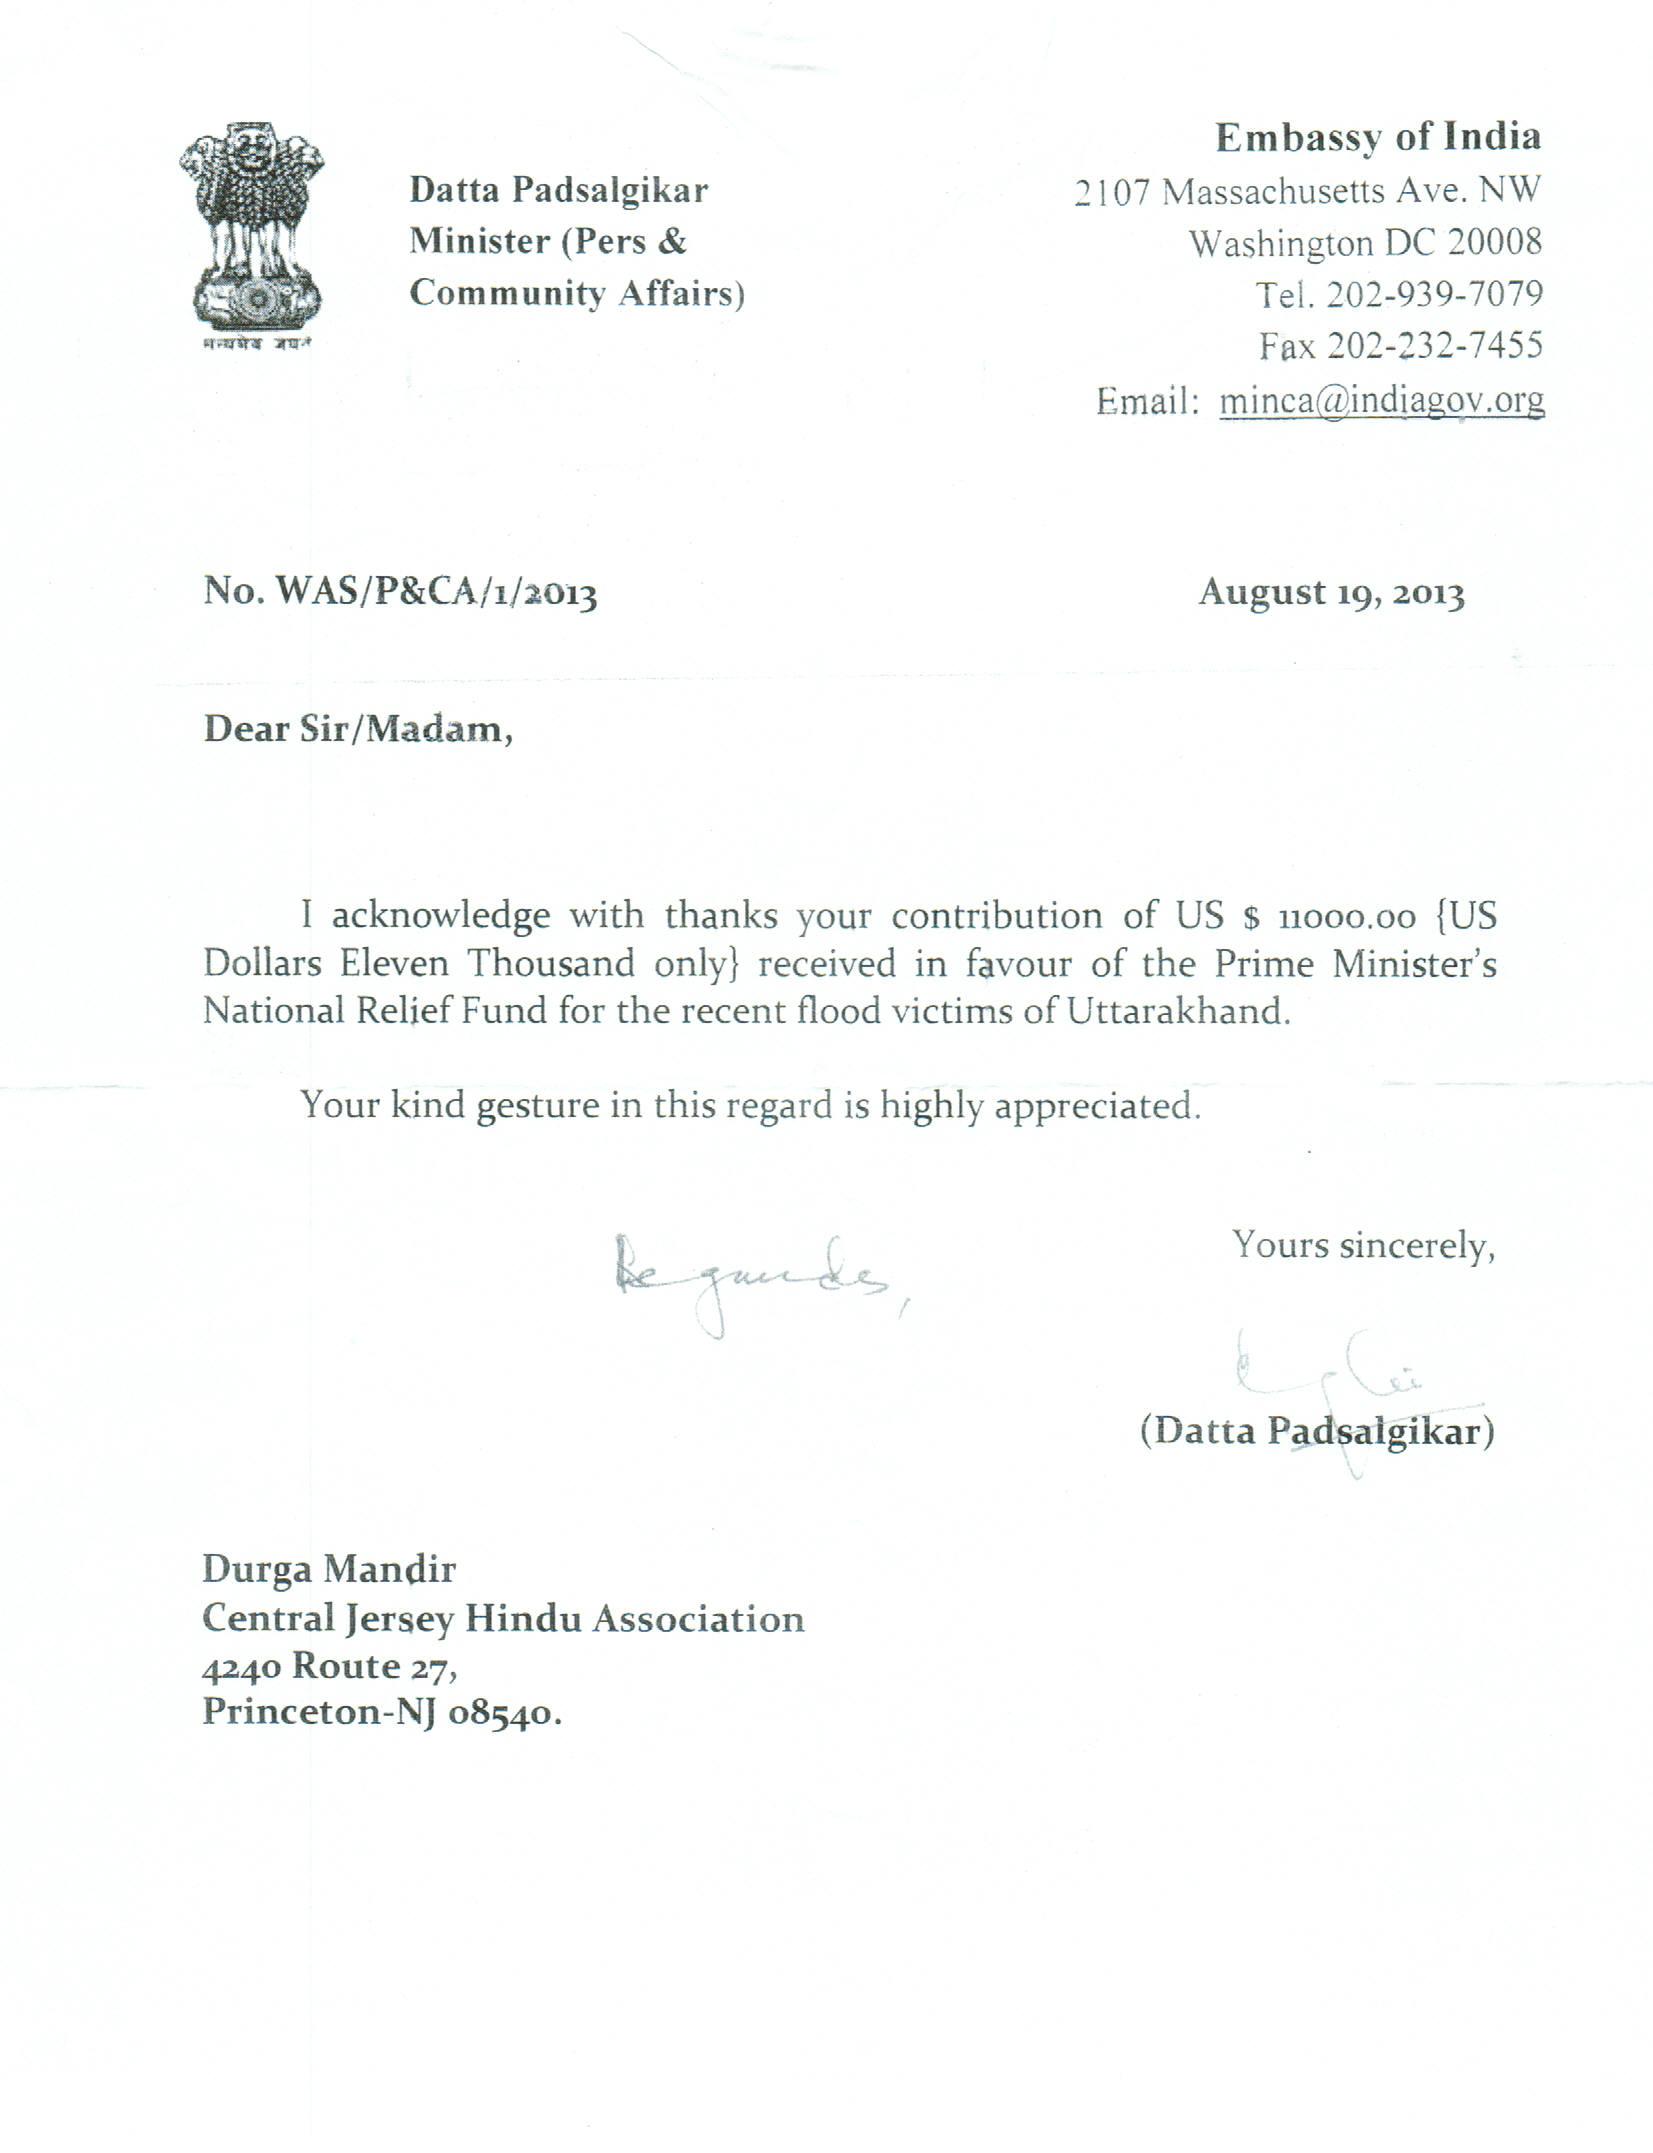 Sample Sending Letter